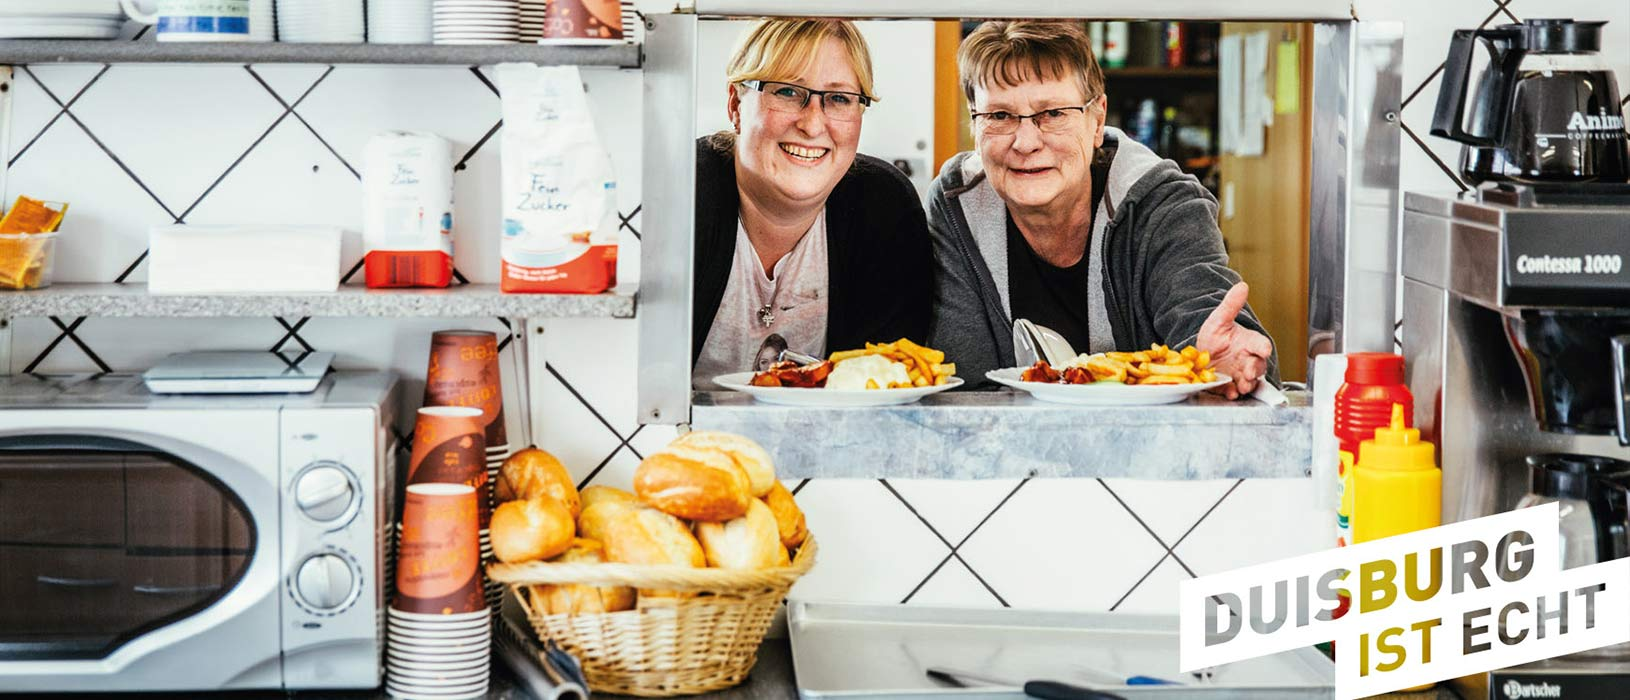 Auch diese beiden Damen vom Grill sind echte Duisburger Botschafterinnen und zieren eines der vielen Postkartenmotive, mit denen das Image der Stadt in die ganze Welt verschickt werden kann.